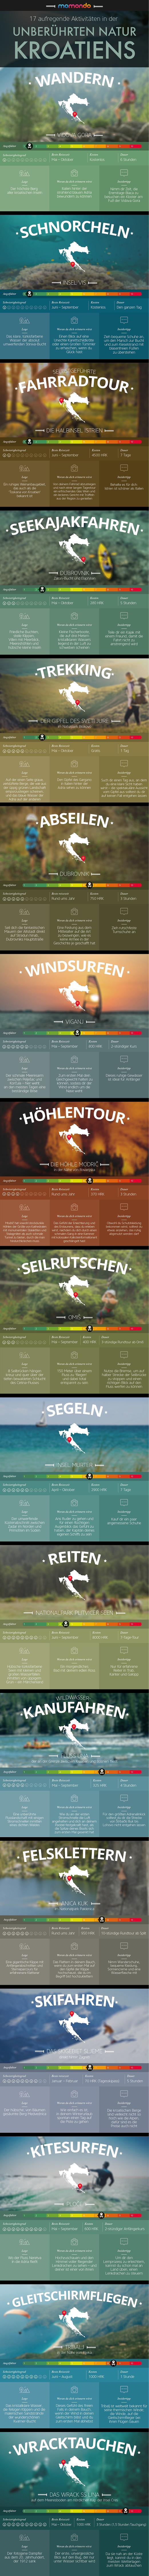 Kroatien Infografik